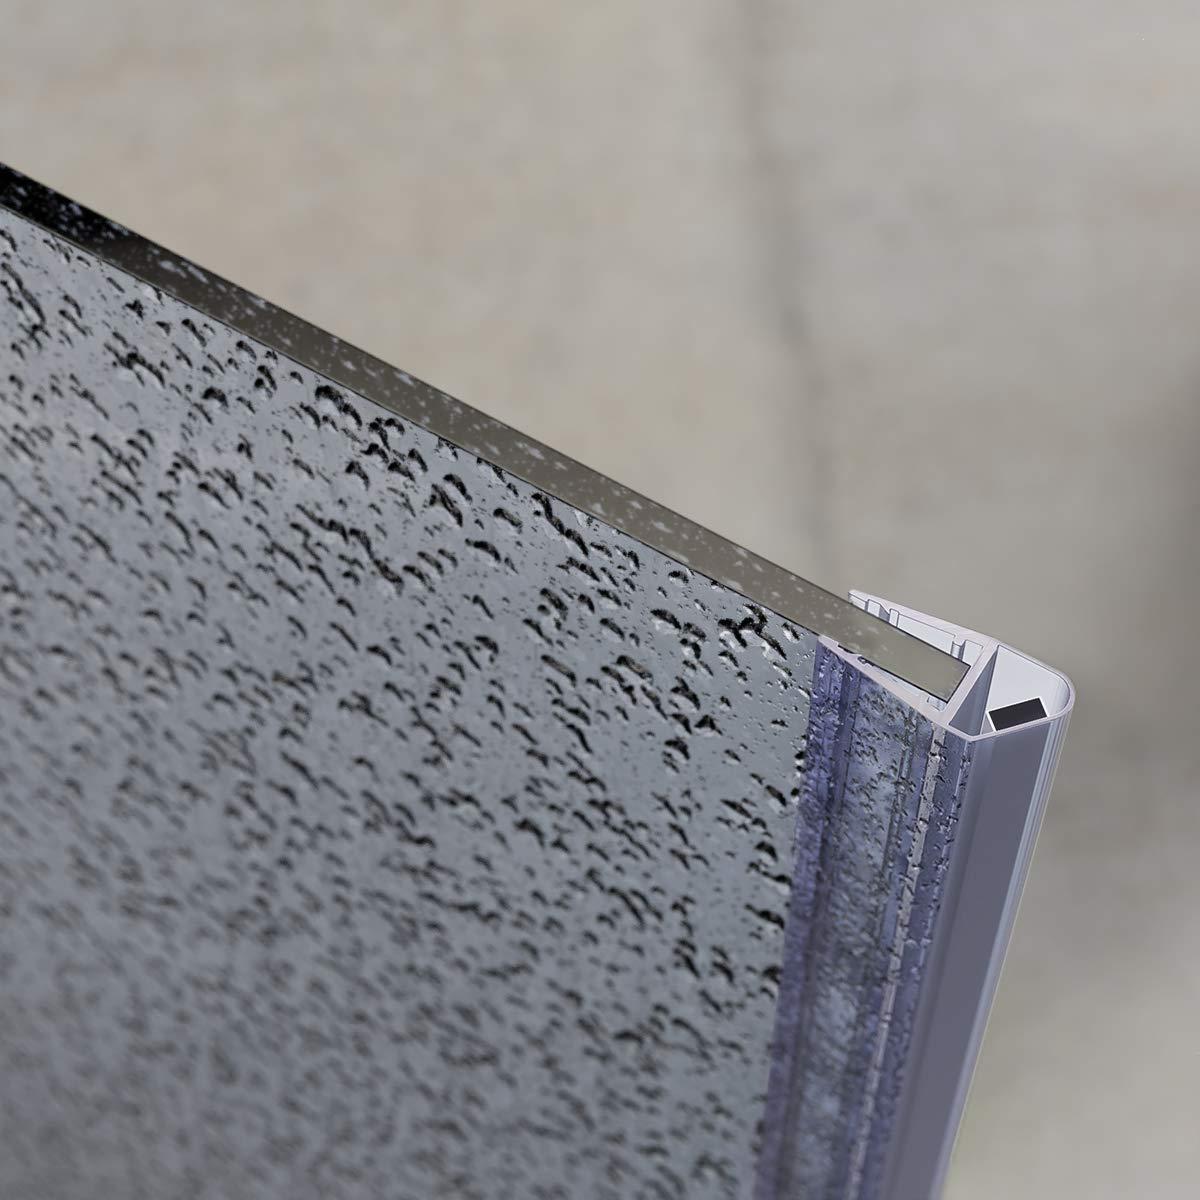 STEIGNER Junta de Cabina de Ducha UKM03 Junta Magn/ética de Mamparas de 3,5 mm 5 mm 195 cm 4 mm